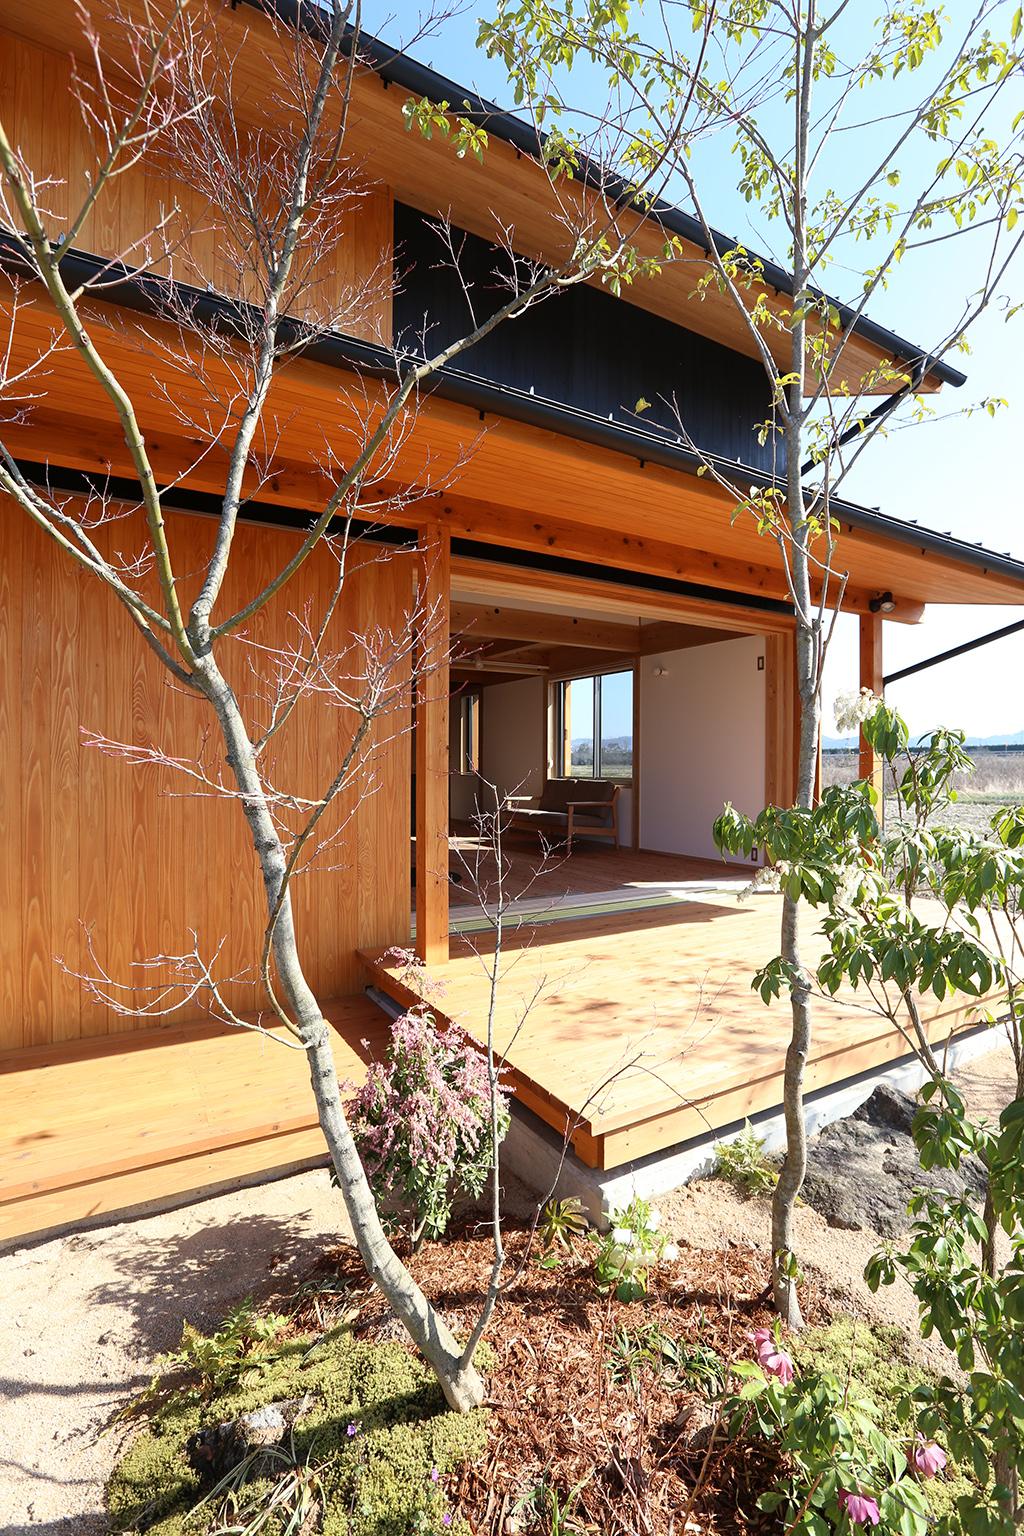 姫路市の木の家 植栽の緑が映える外観